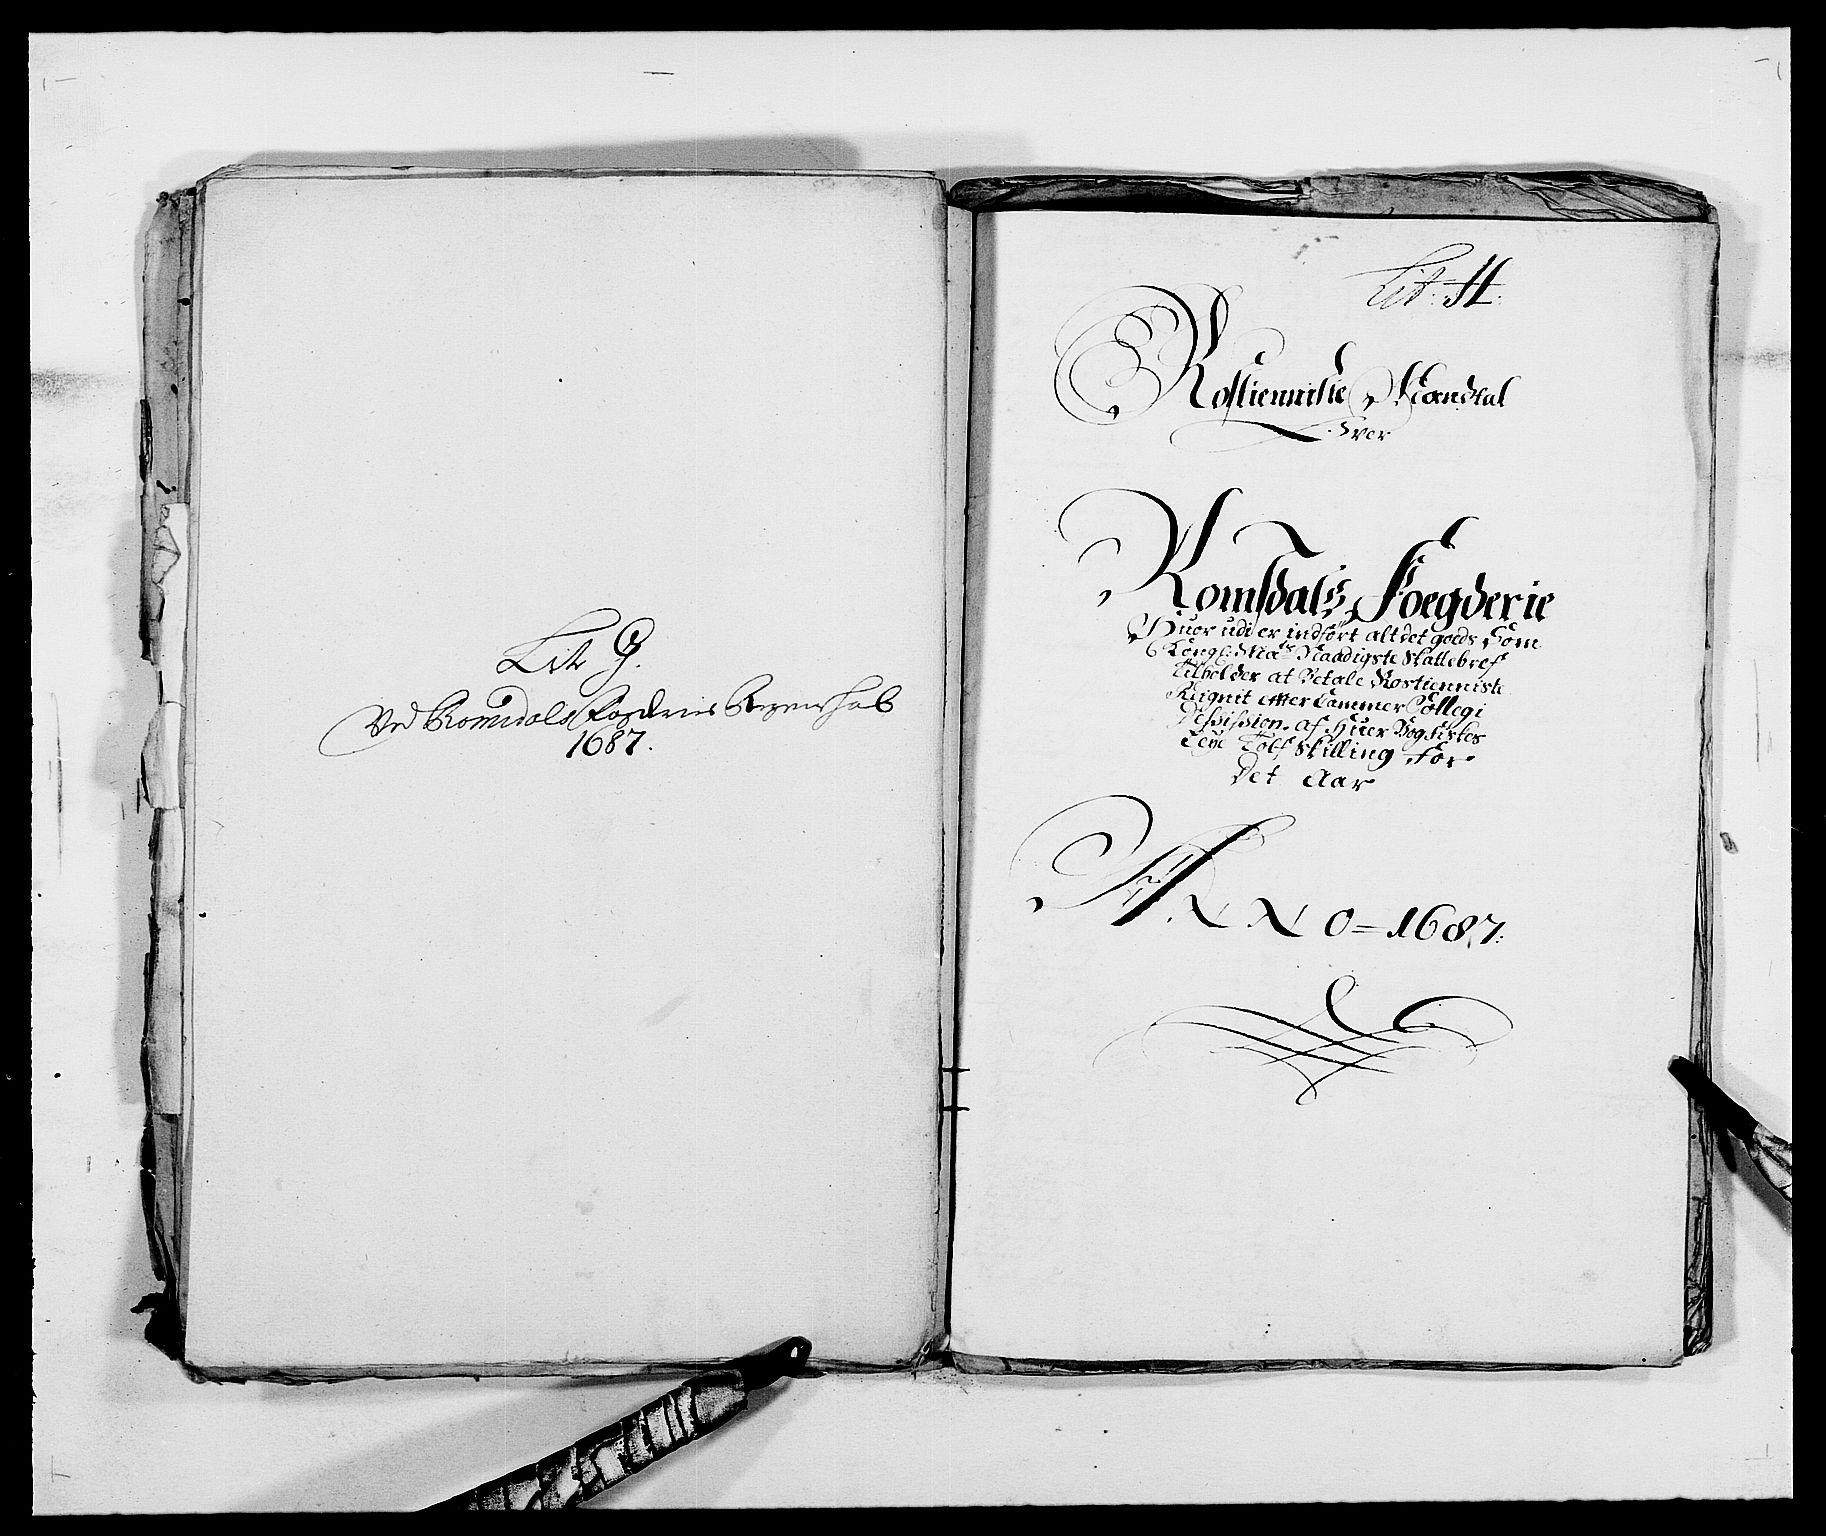 RA, Rentekammeret inntil 1814, Reviderte regnskaper, Fogderegnskap, R55/L3648: Fogderegnskap Romsdal, 1687-1689, s. 104